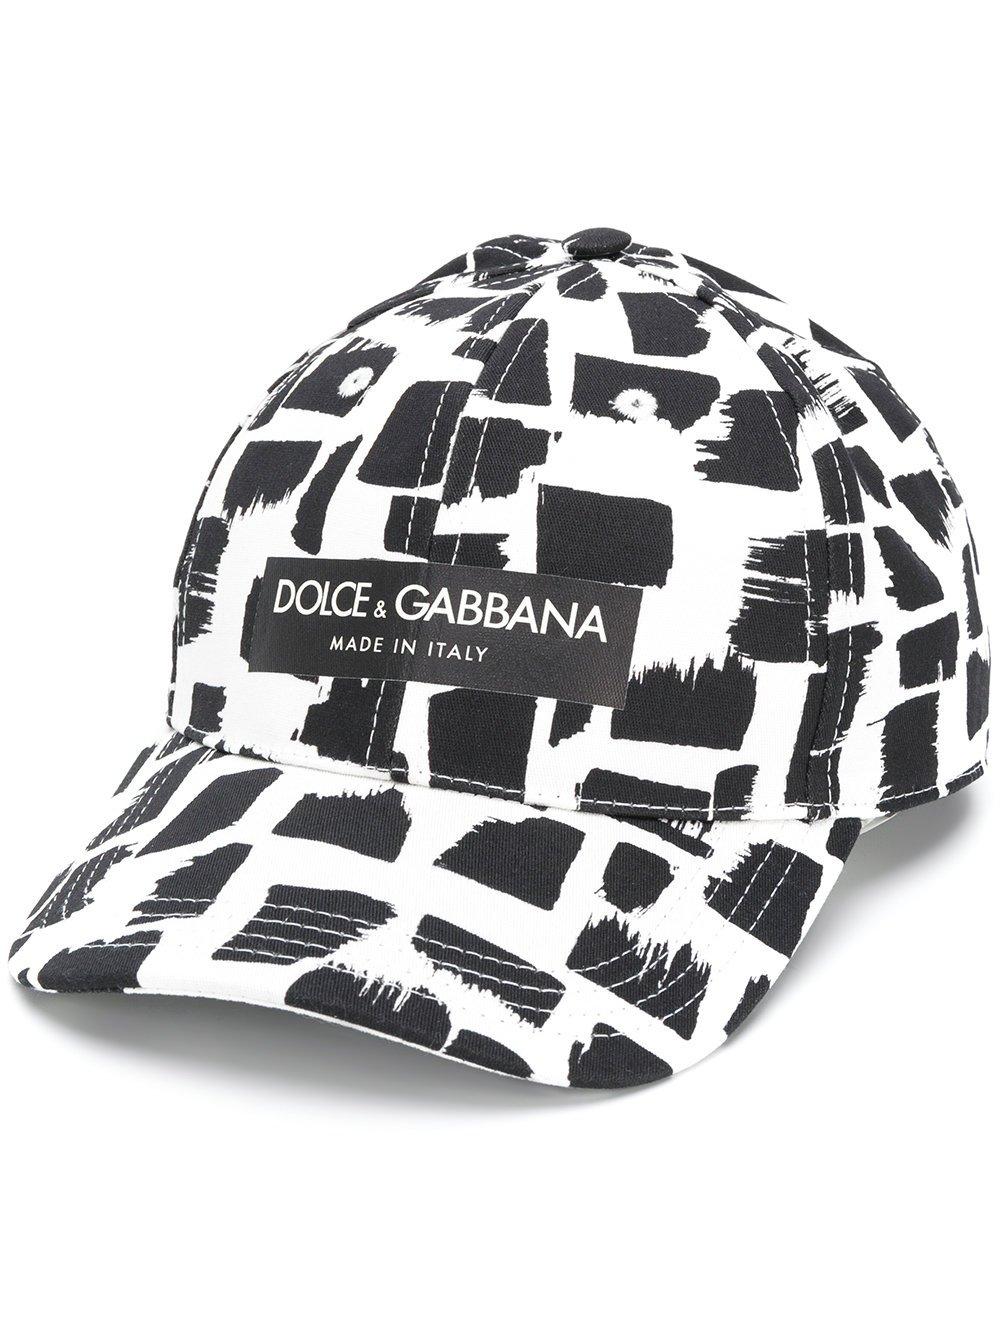 Dolce e Gabbana Men's Gh613afsffmhwh95 White/Black Cotton Hat